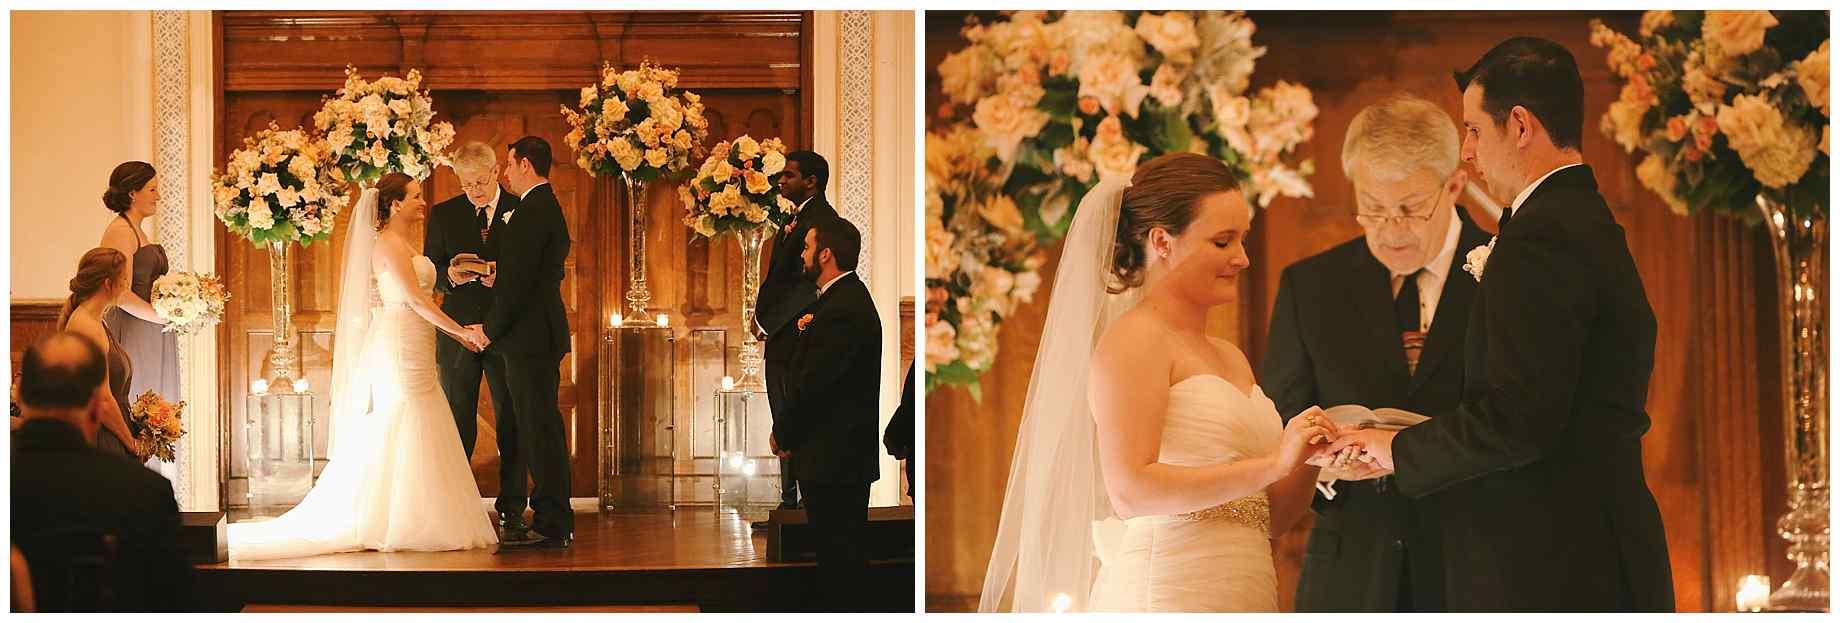 parador-houston-wedding-photos-00025